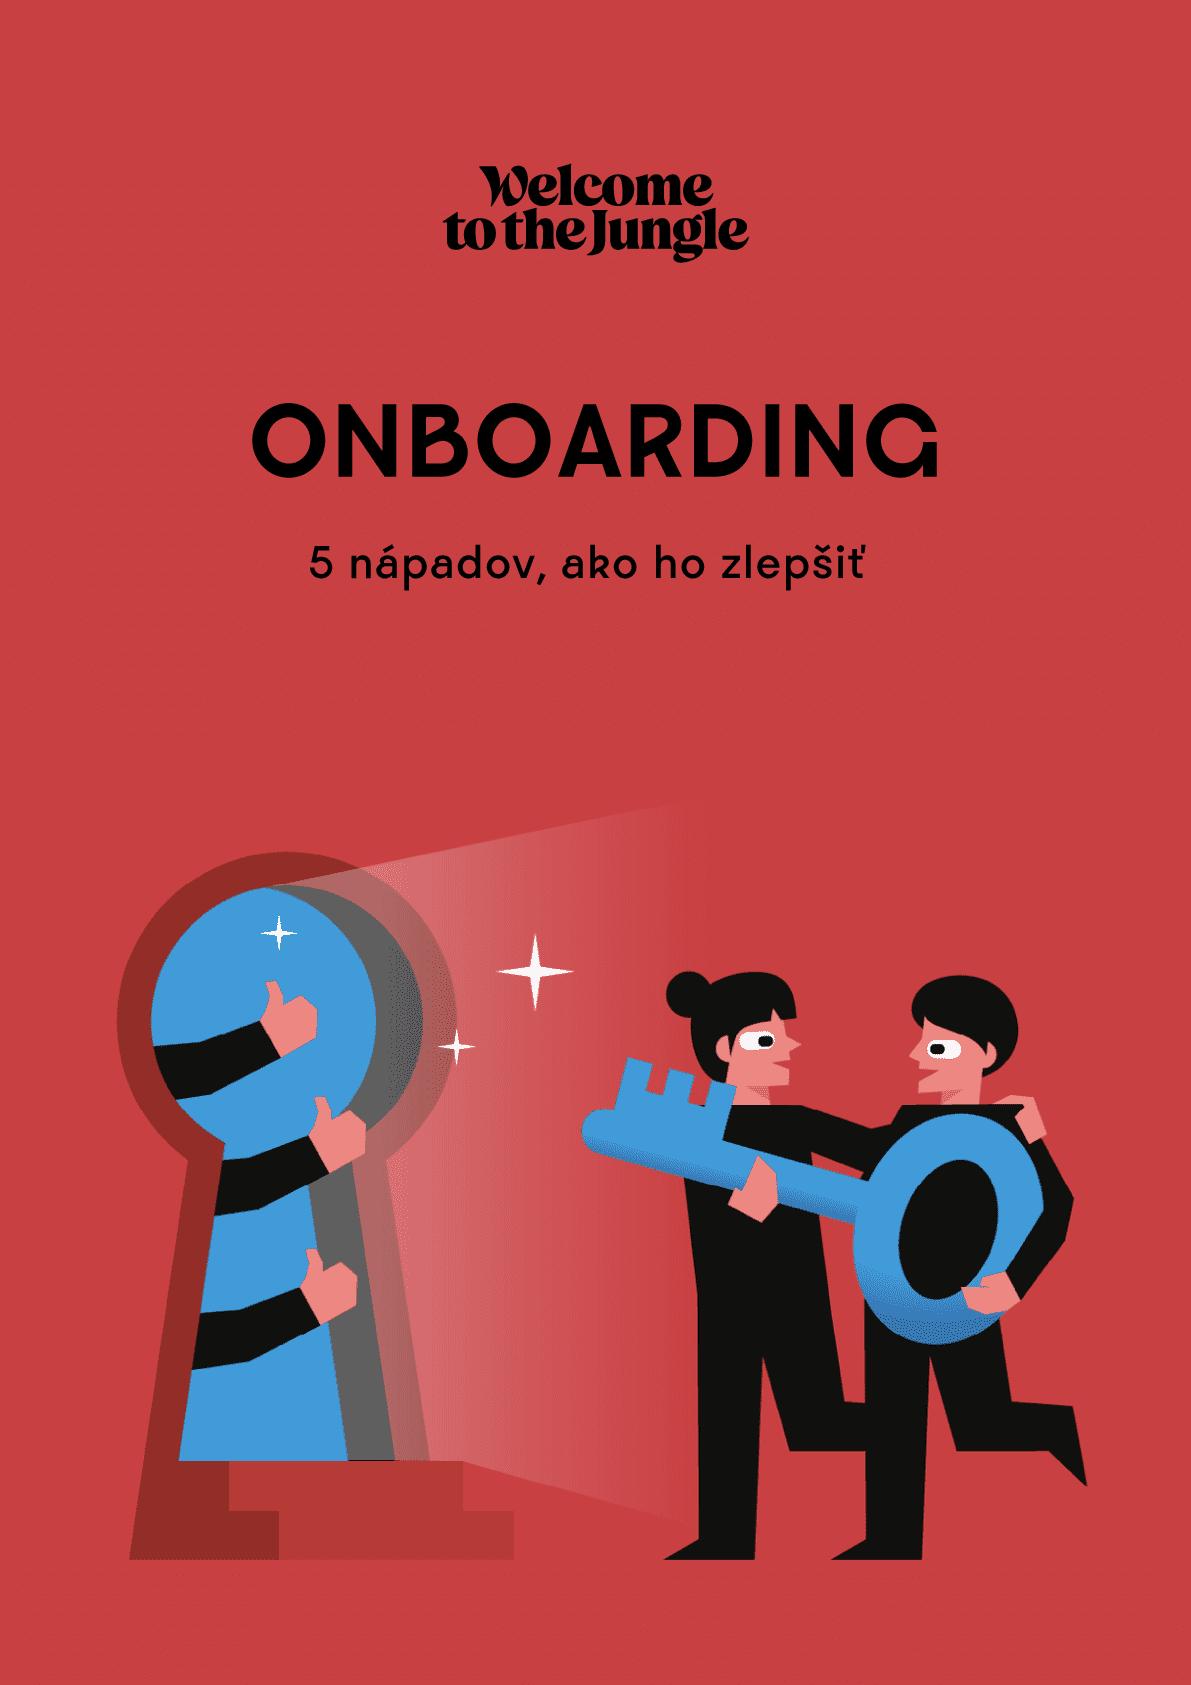 Onboarding: 5 nápadov, ako ho zlepšiť